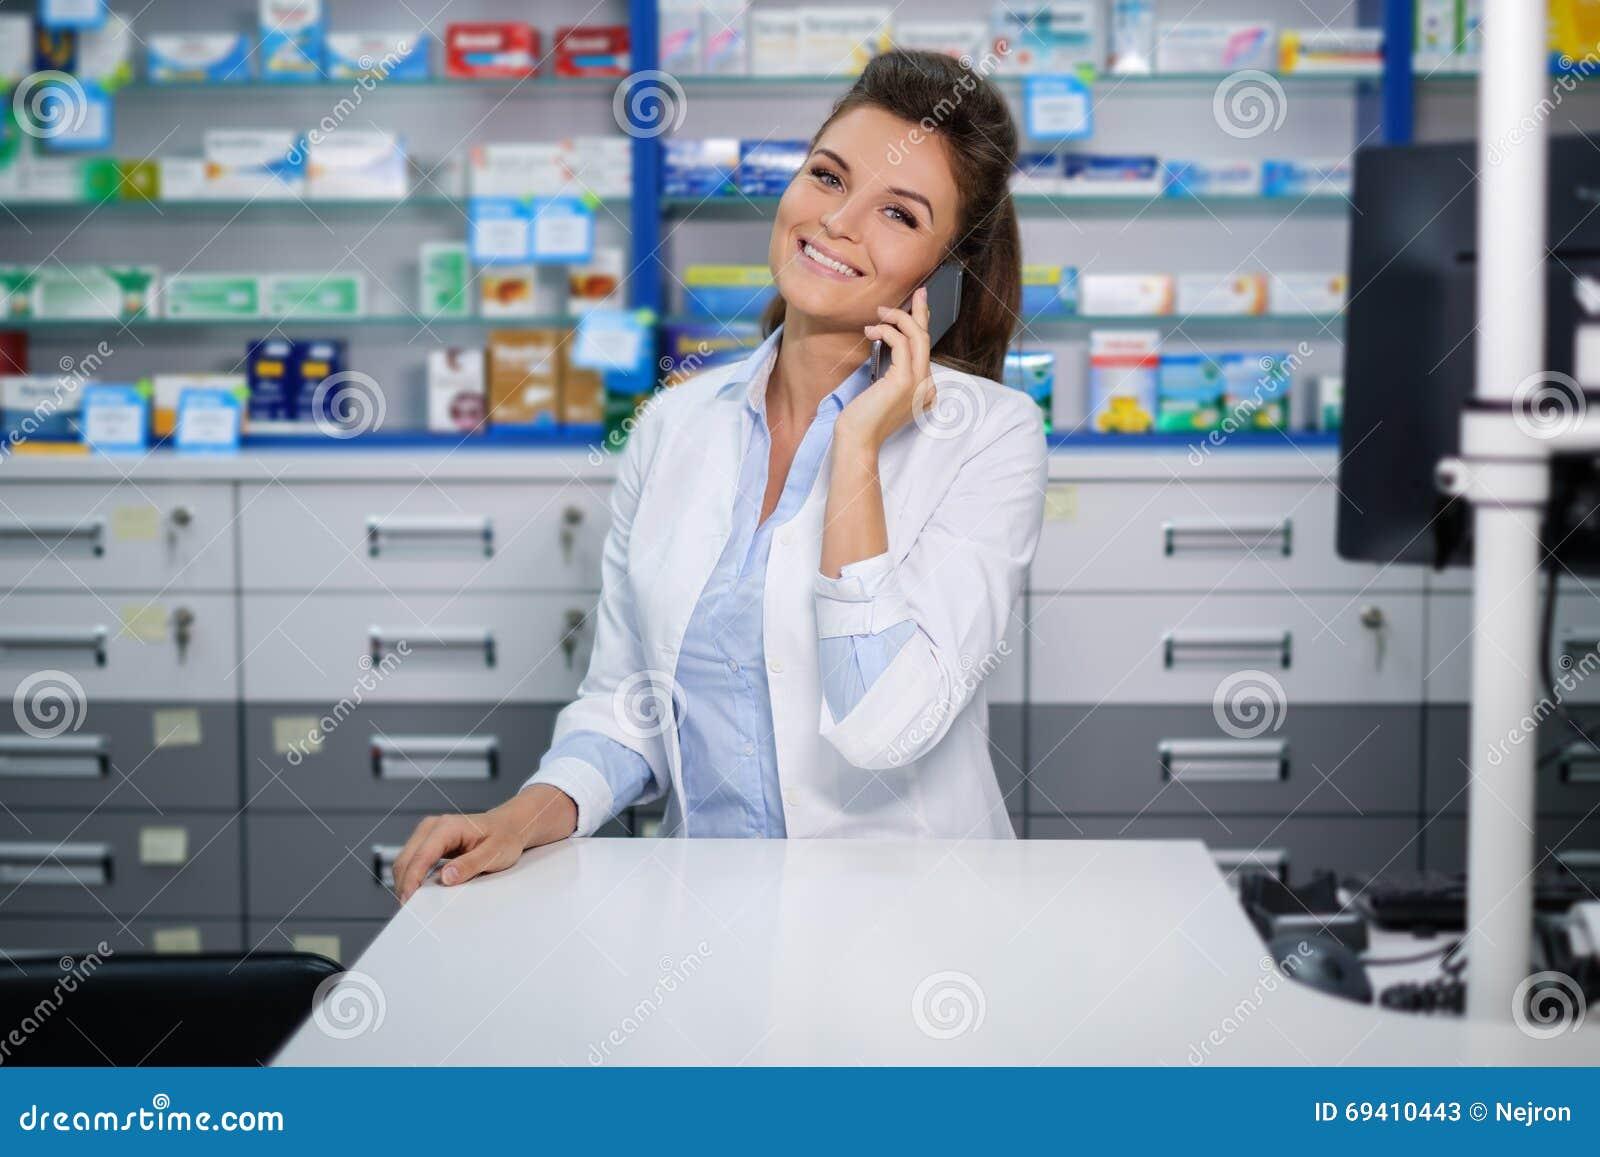 Mooie glimlachende jonge vrouwenapotheker die op de celtelefoon spreken in apotheek